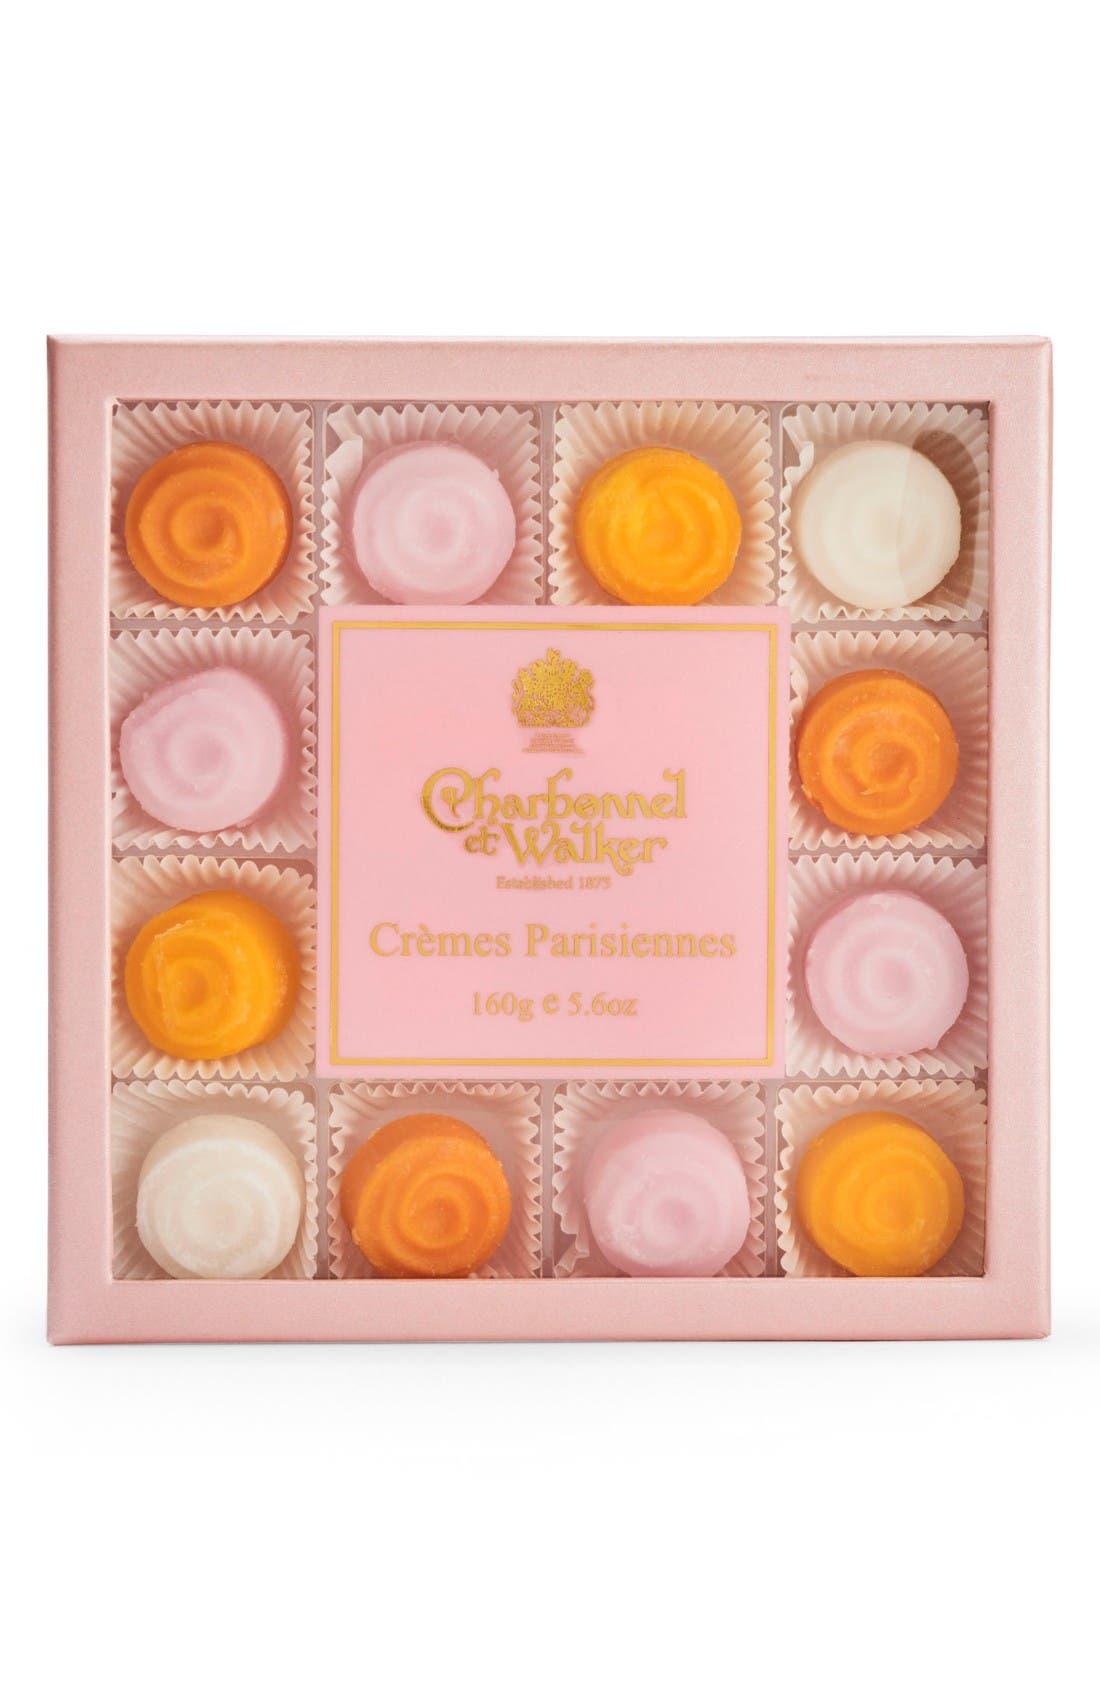 Charbonnel et Walker Cremes Parisiennes in Gift Box